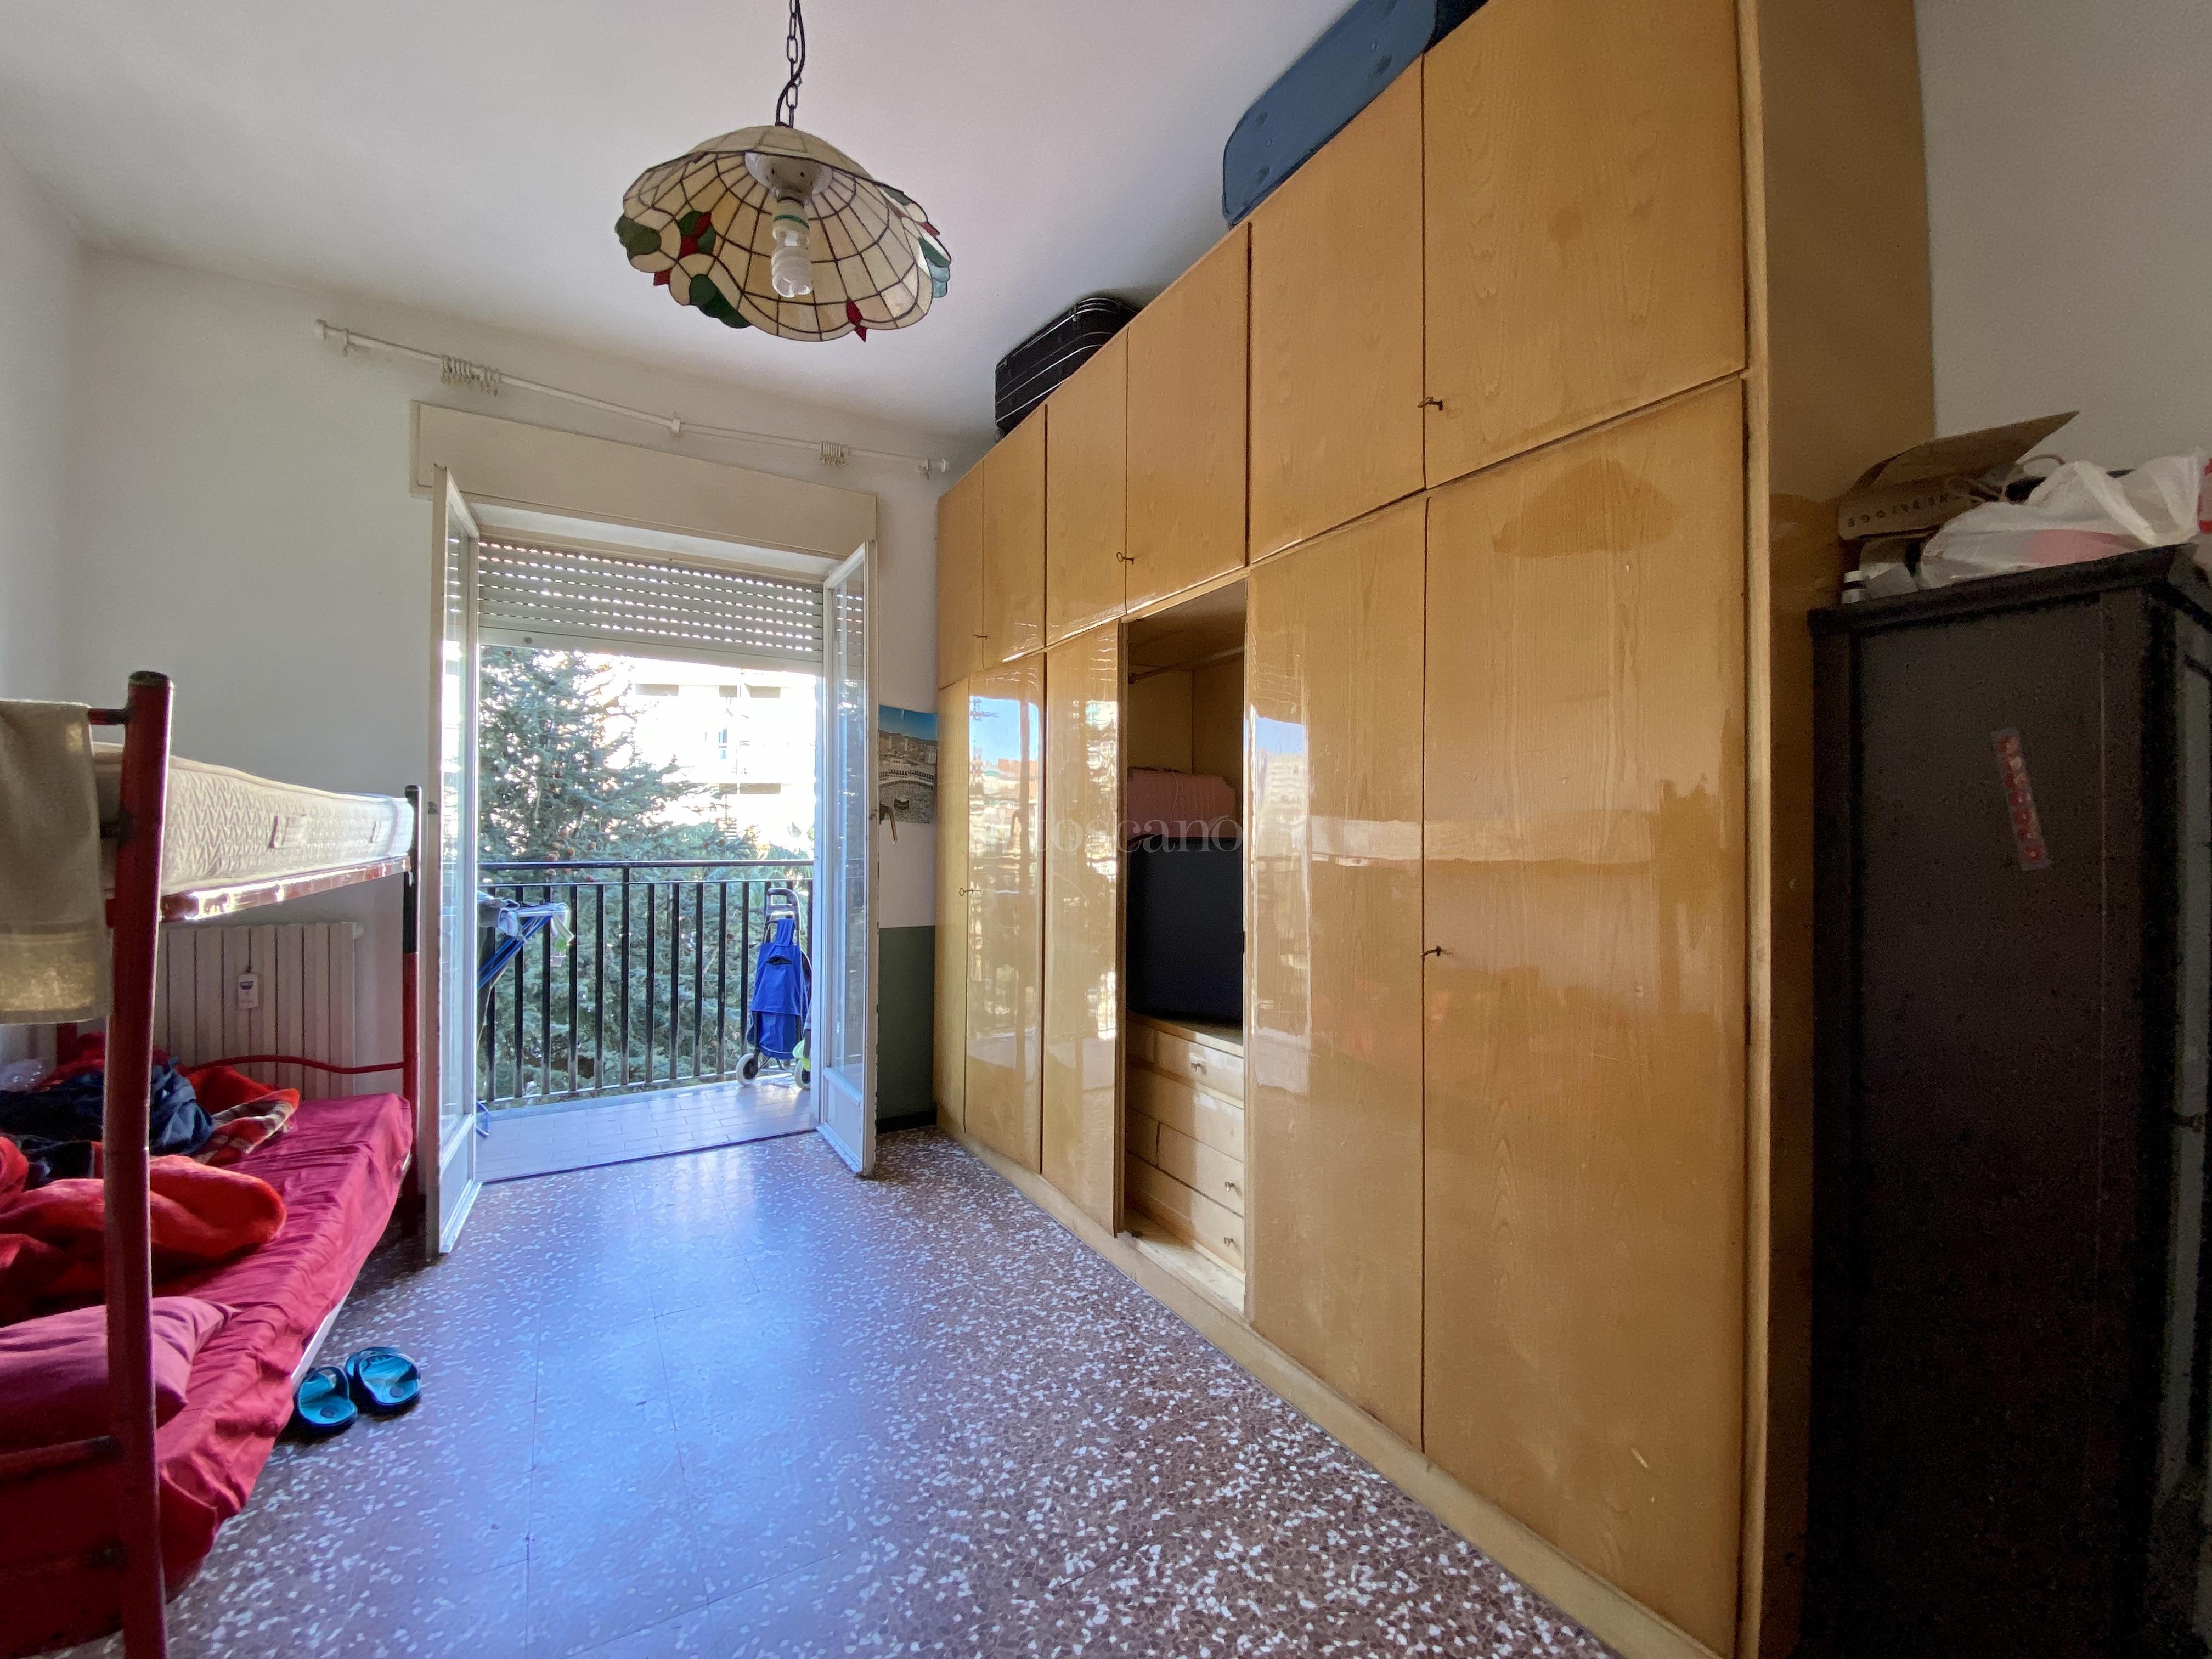 Ristrutturare Appartamento 35 Mq vendita casa a milano in via marco d'agrate, marco d'agrate